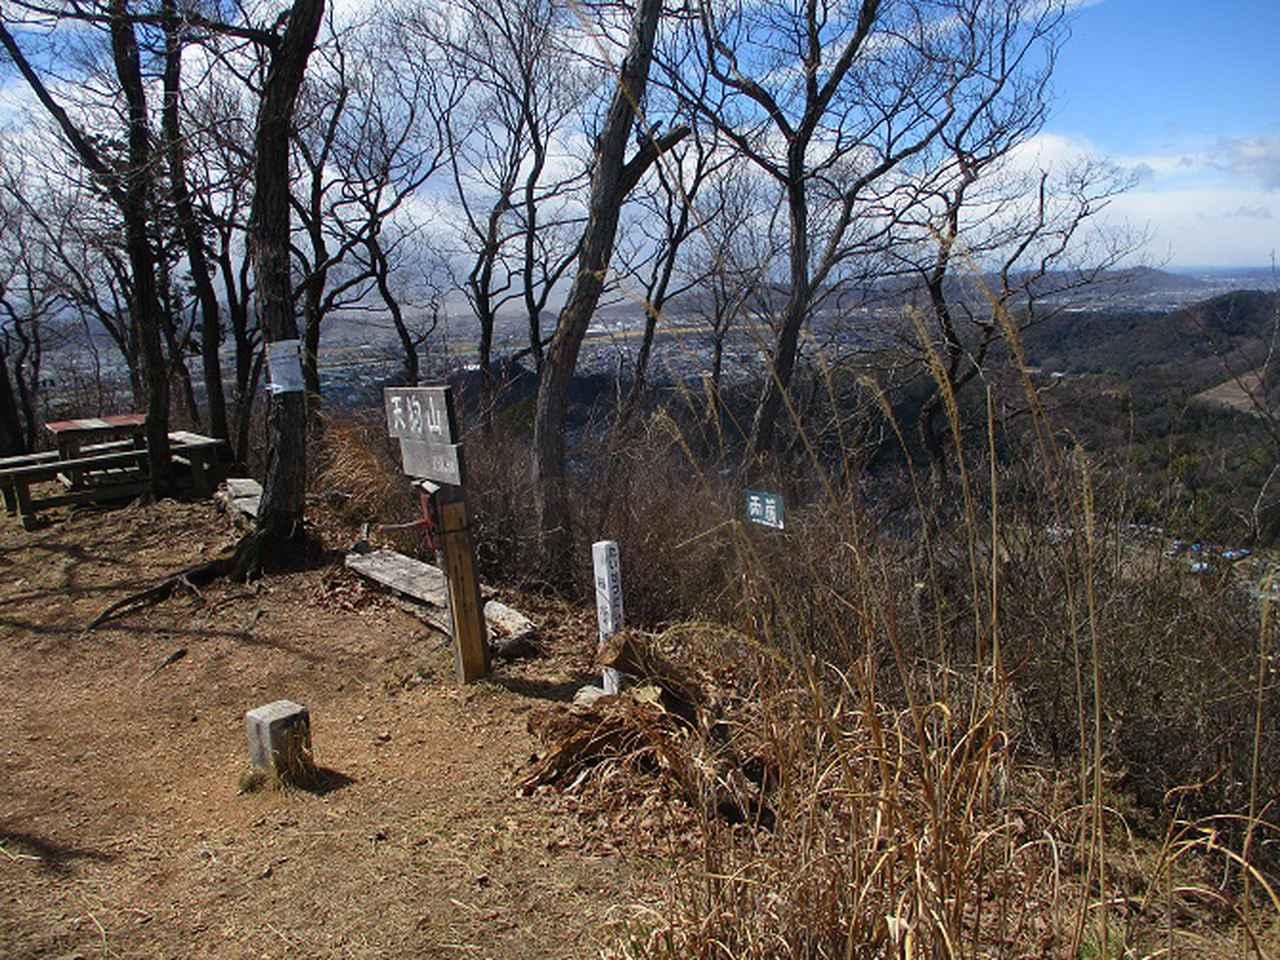 画像9: 4月の山旅会 両崖山から天狗山 ツアーの下見に行ってきました!